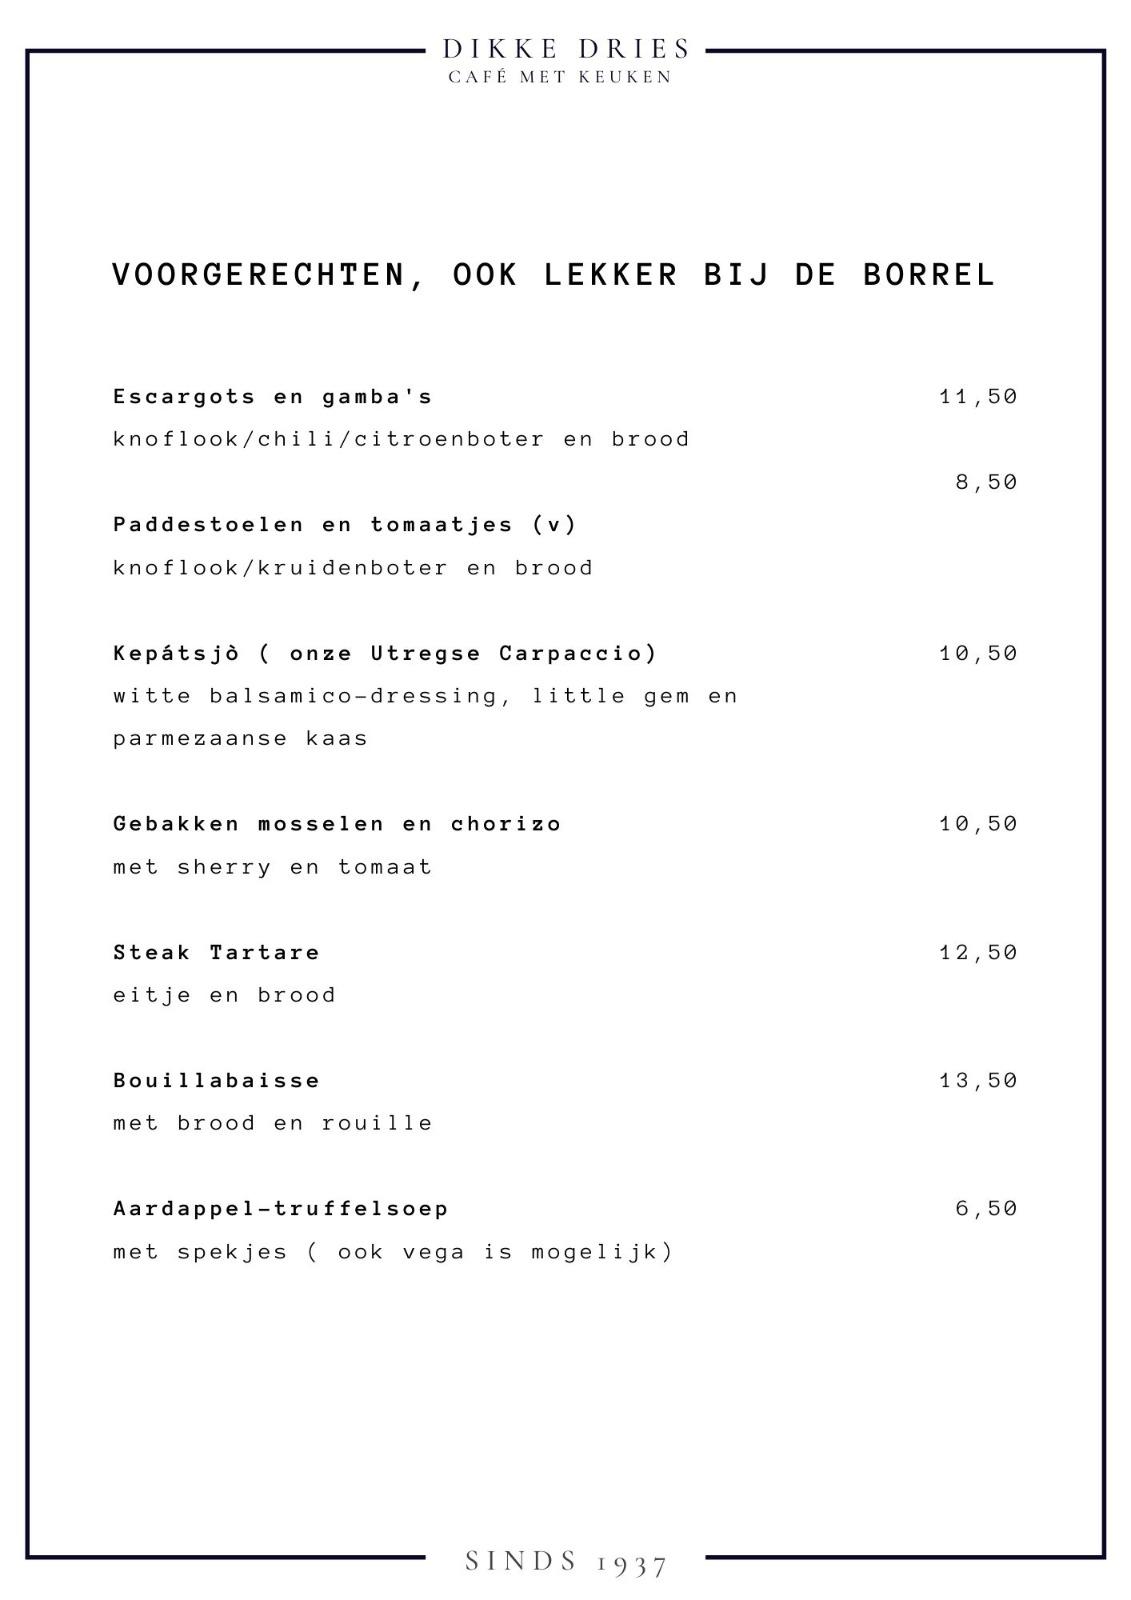 dikke-cafe-met-keuken-centrum-v102021